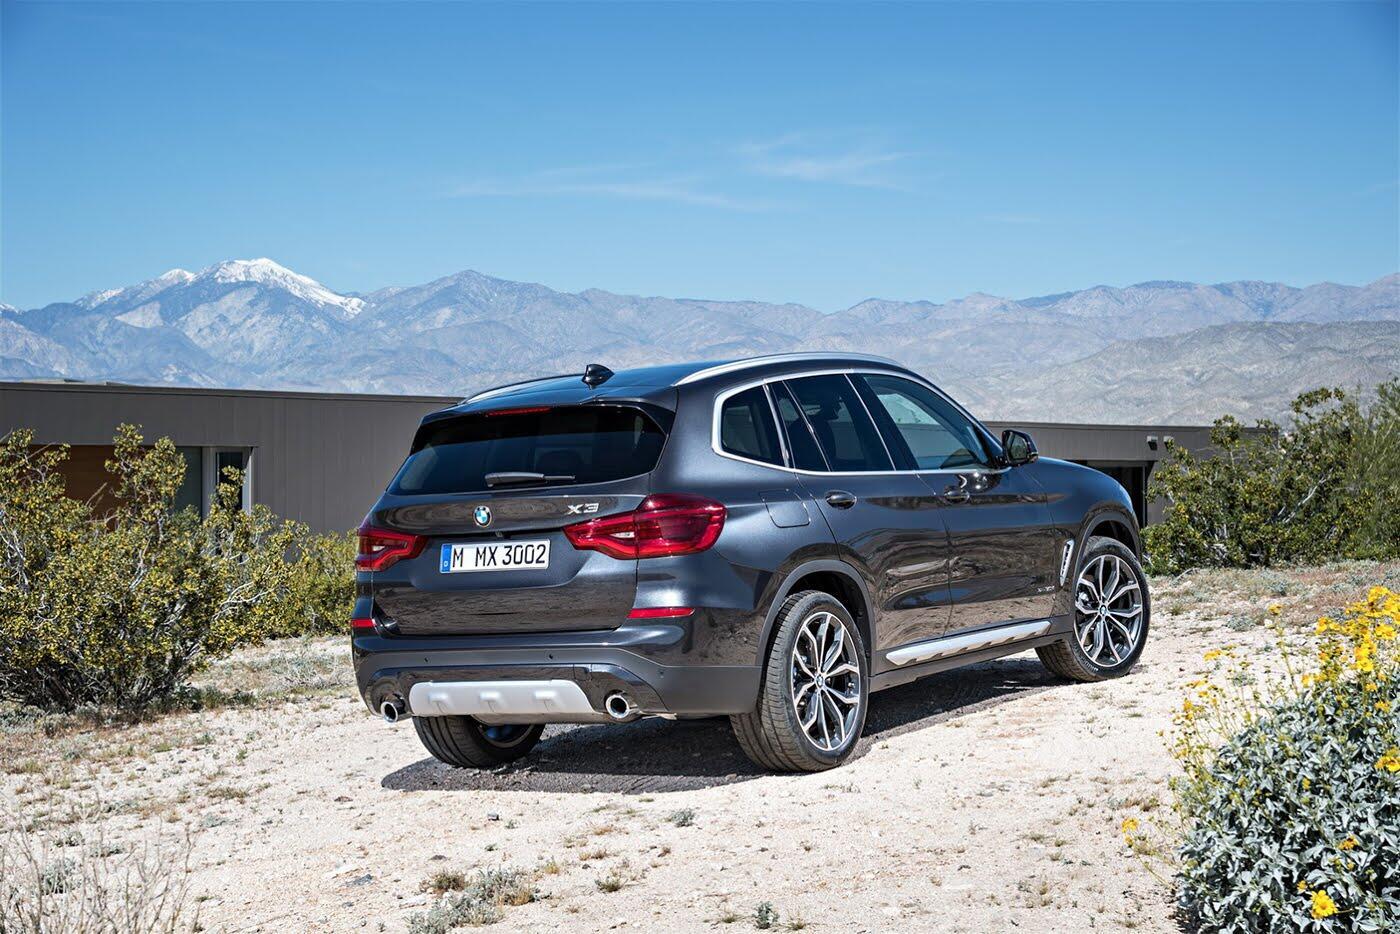 Ảnh chi tiết BMW X3 2018 hoàn toàn mới - Hình 26